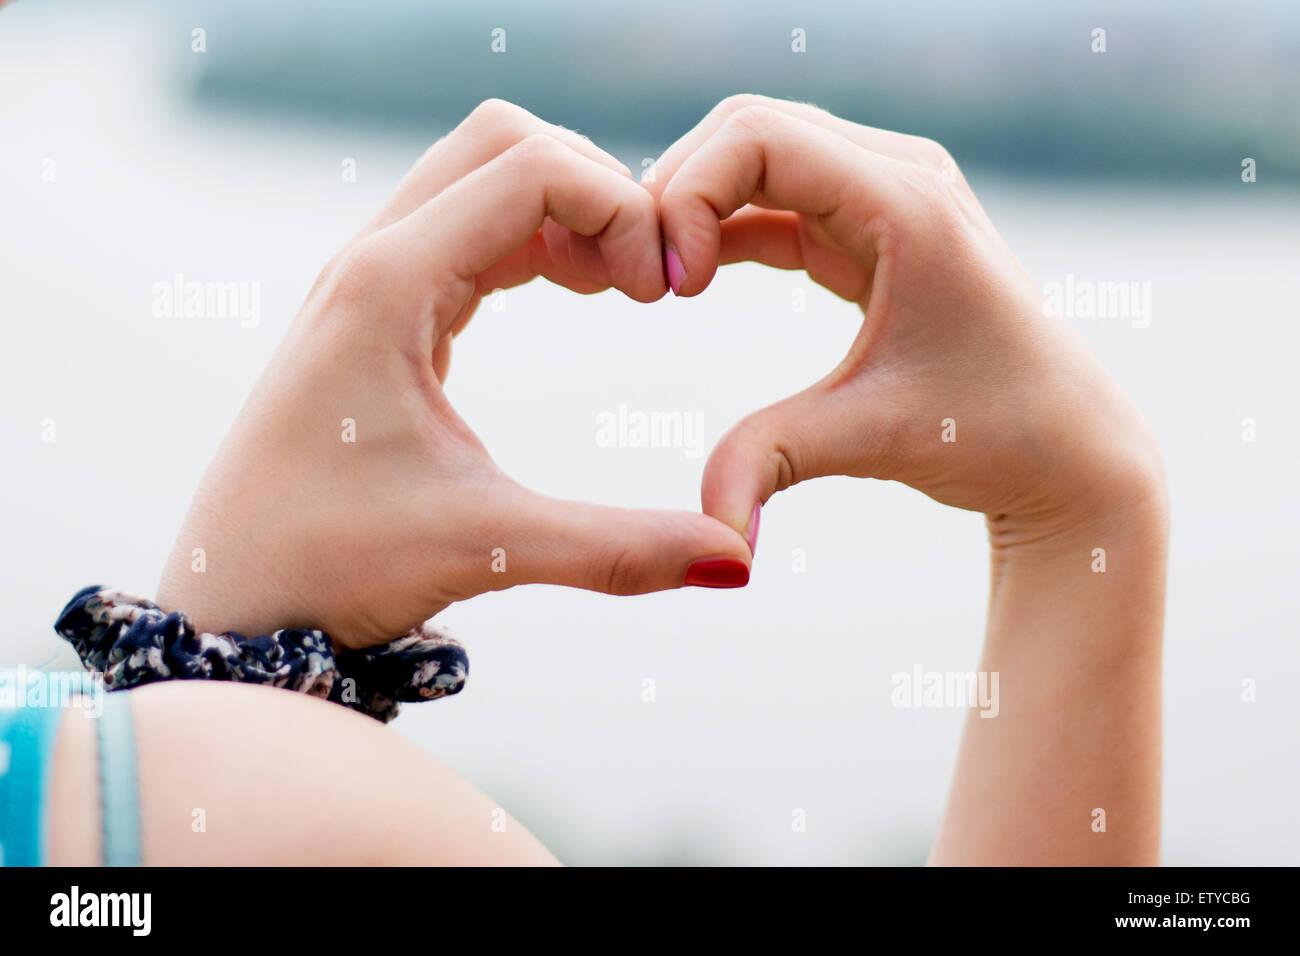 Heart hand wallpaper